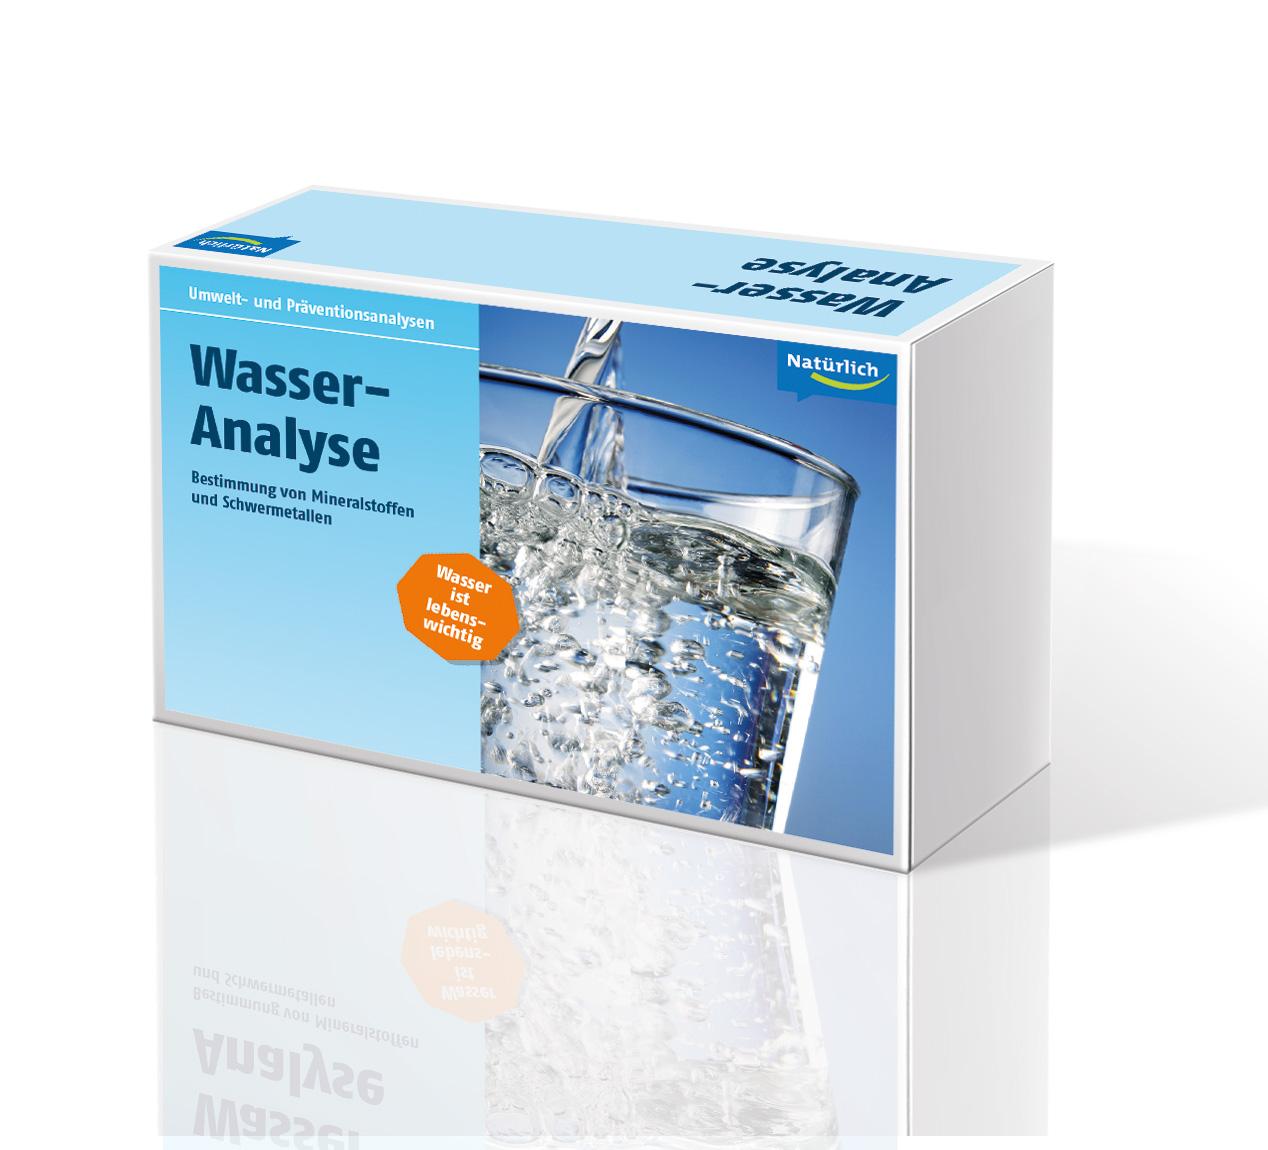 Testkit für Wasser-Analyse aus der Natürlich-Apotheke